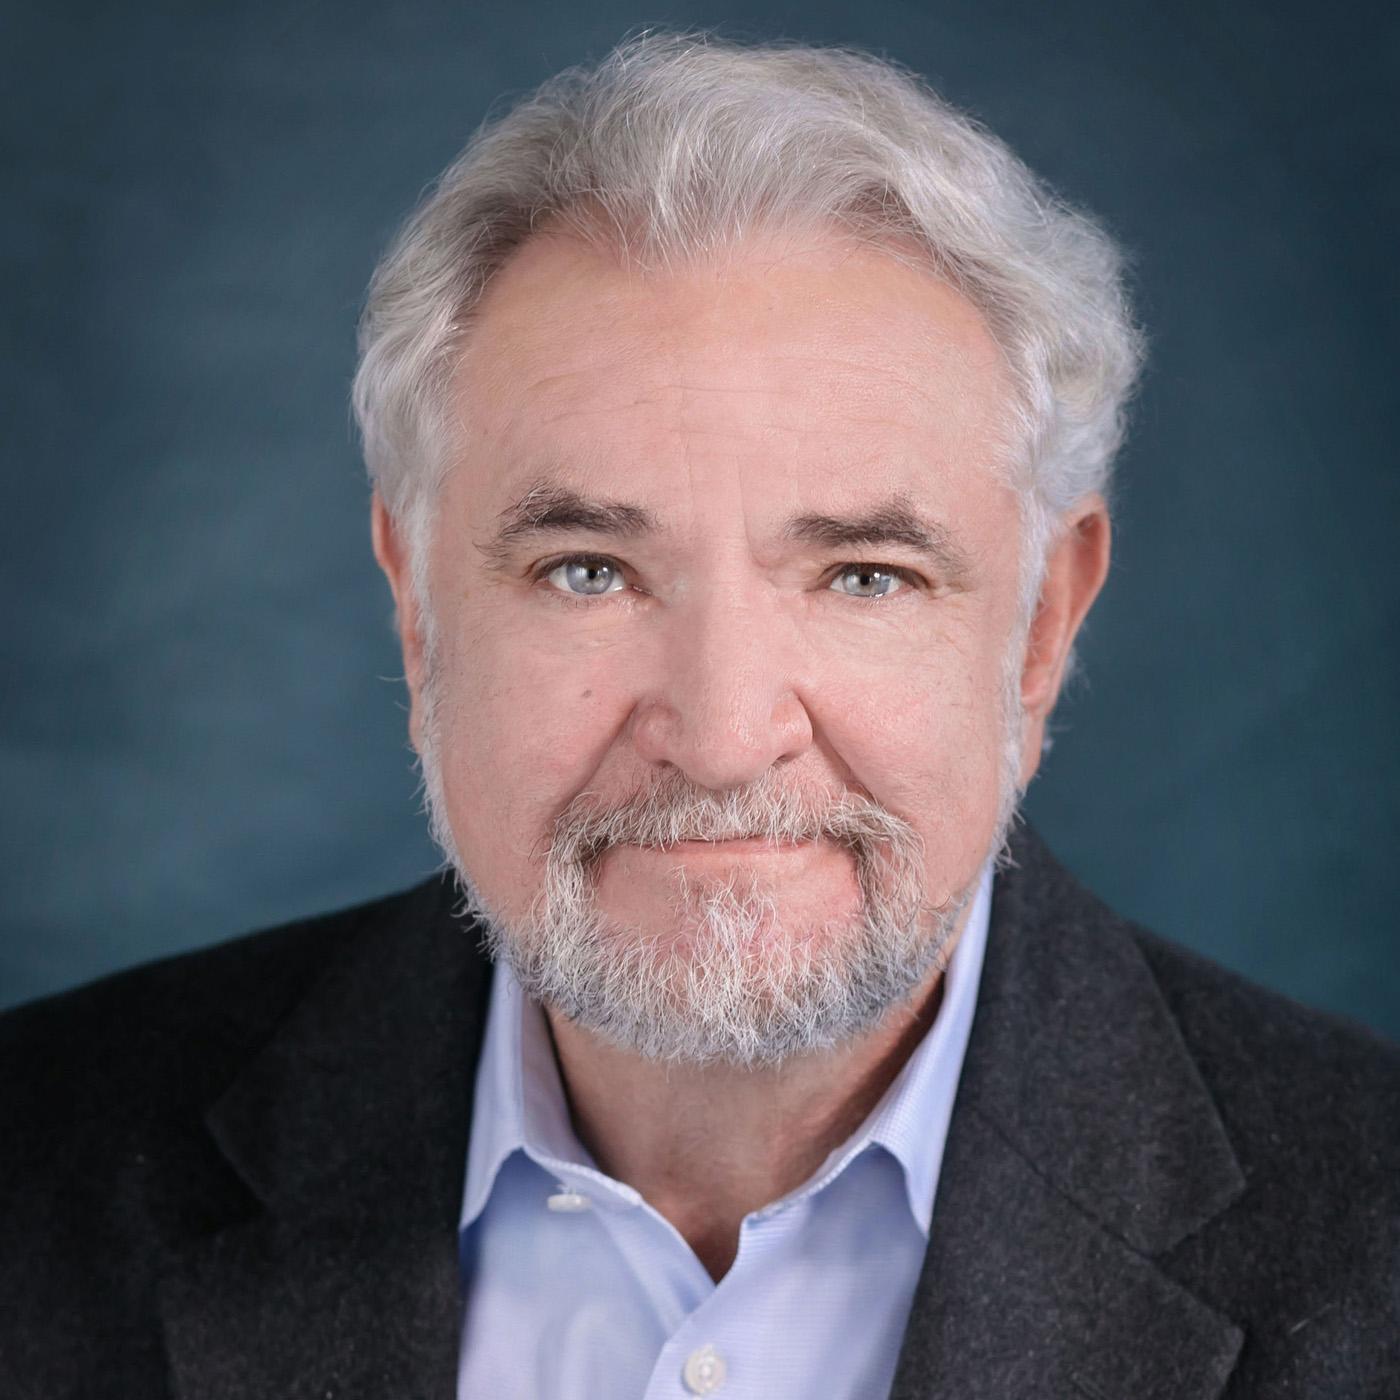 Charles Shumaker